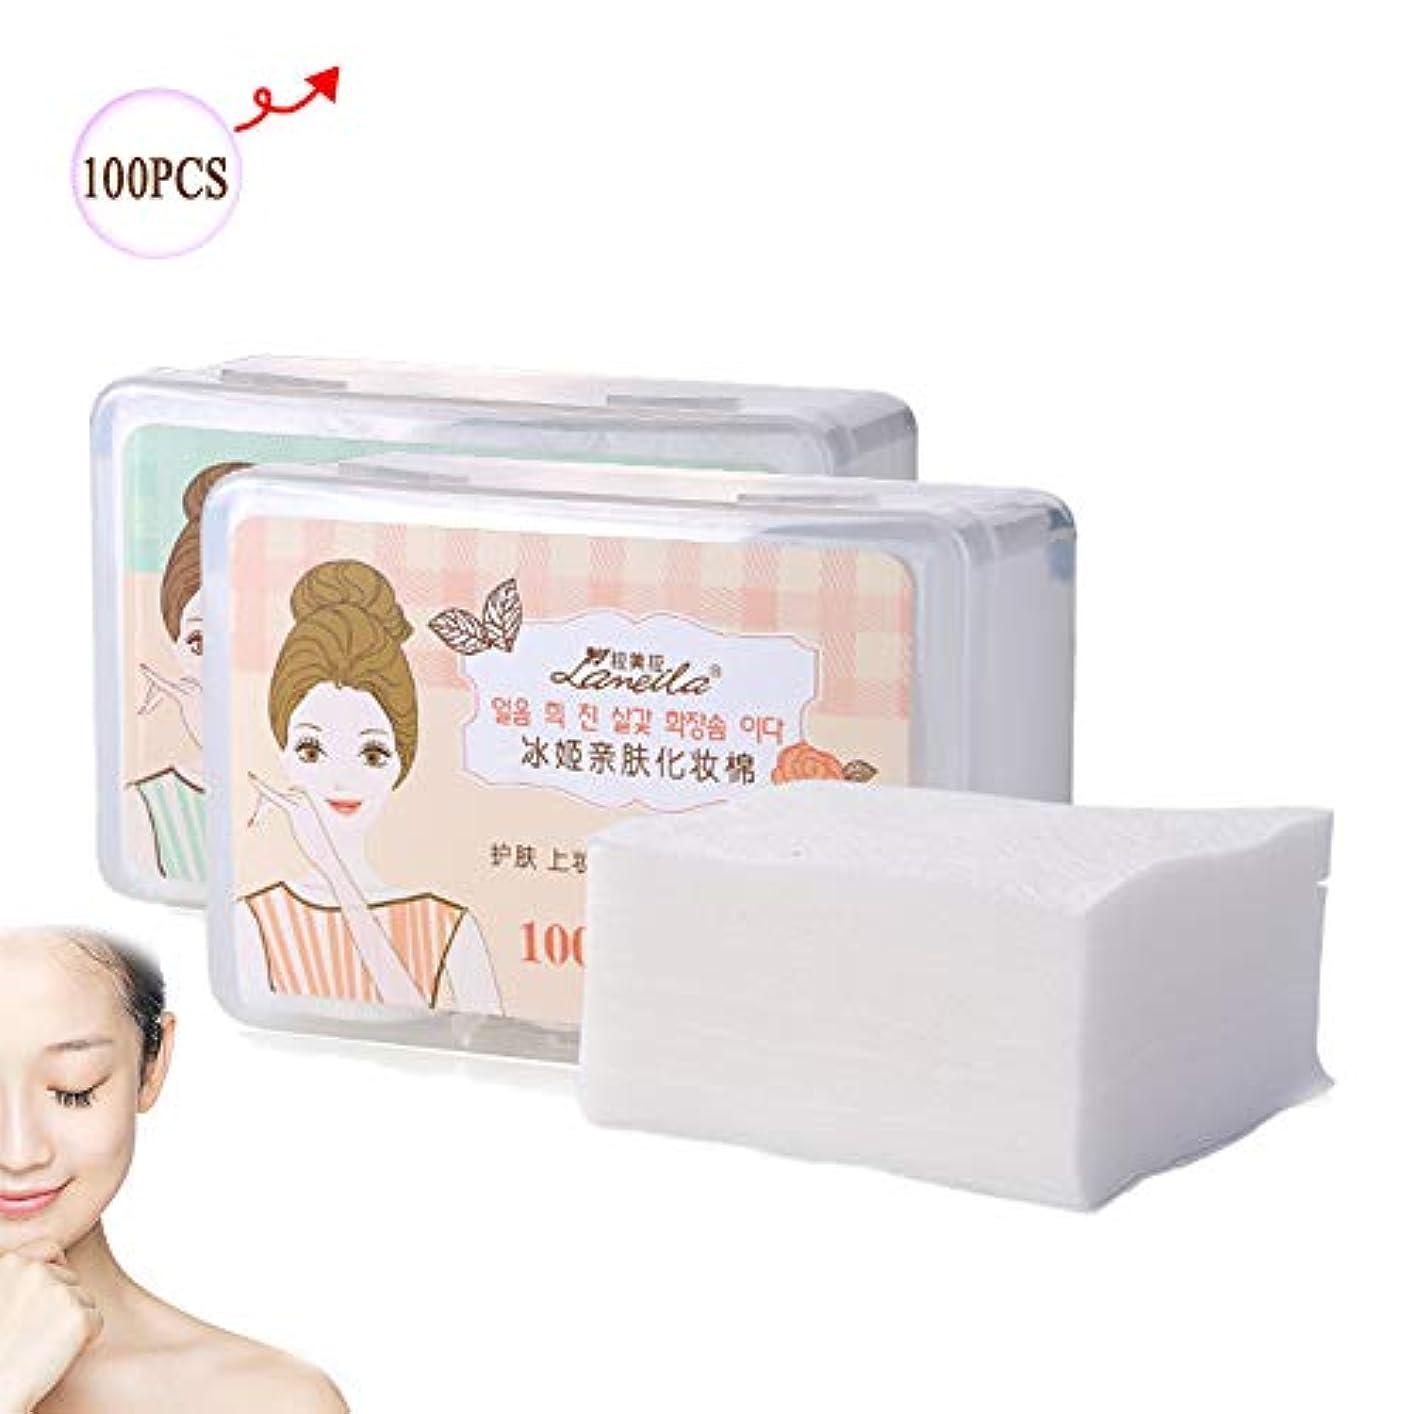 連邦特許廃棄メイク落としパッド、顔用洗顔料コットンパッド洗顔用女性と男性